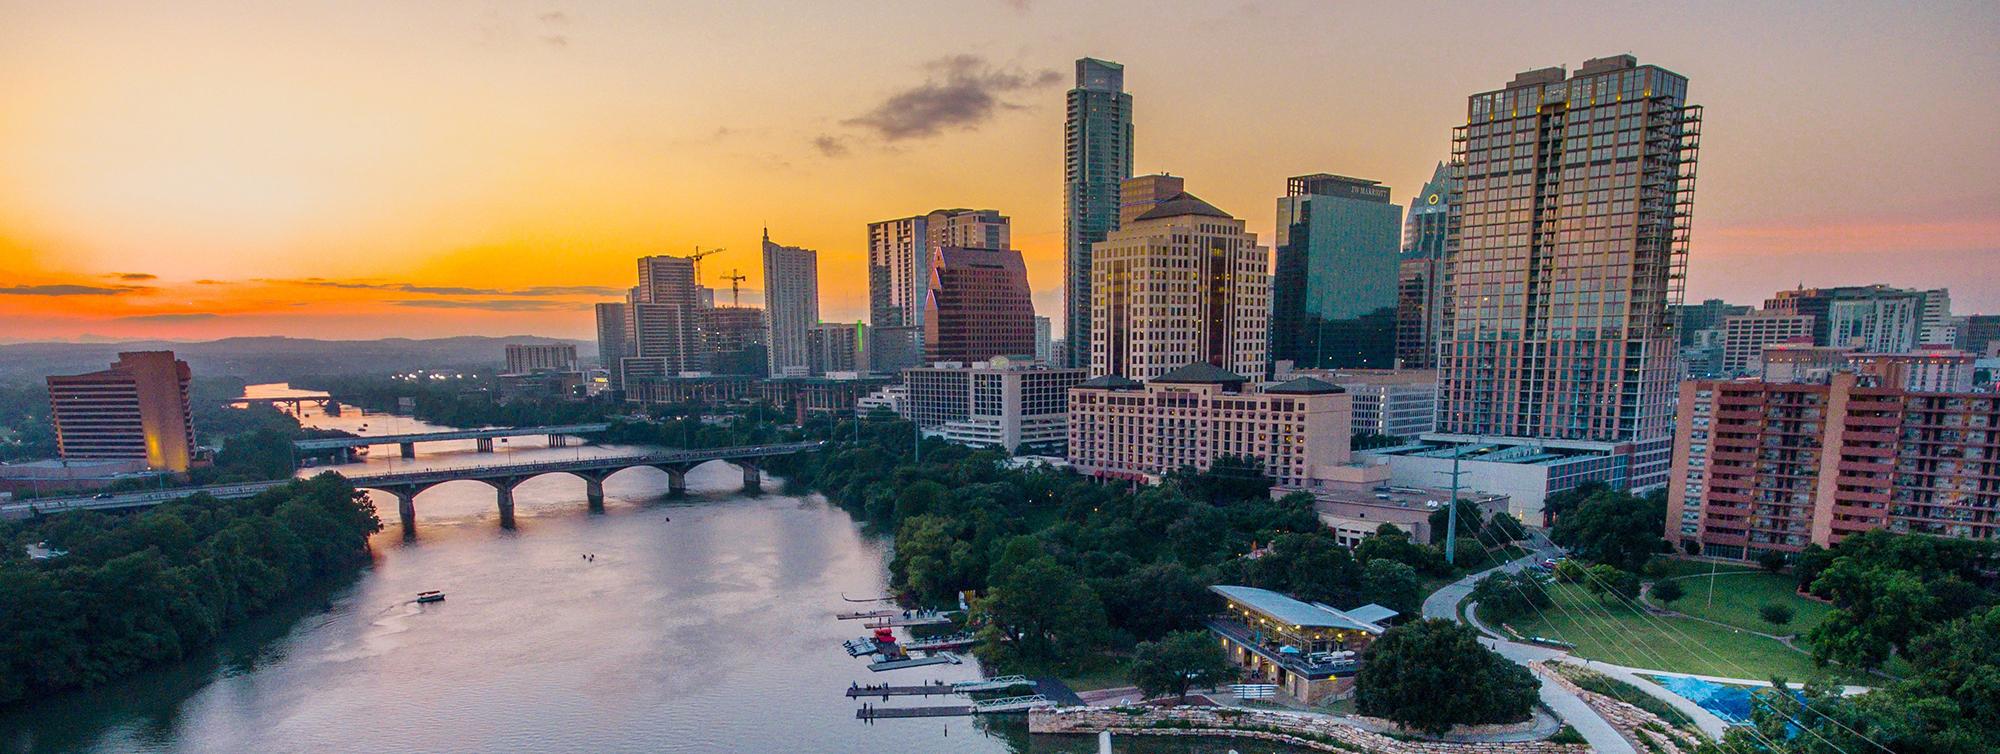 Austin, Meet SideCar PR